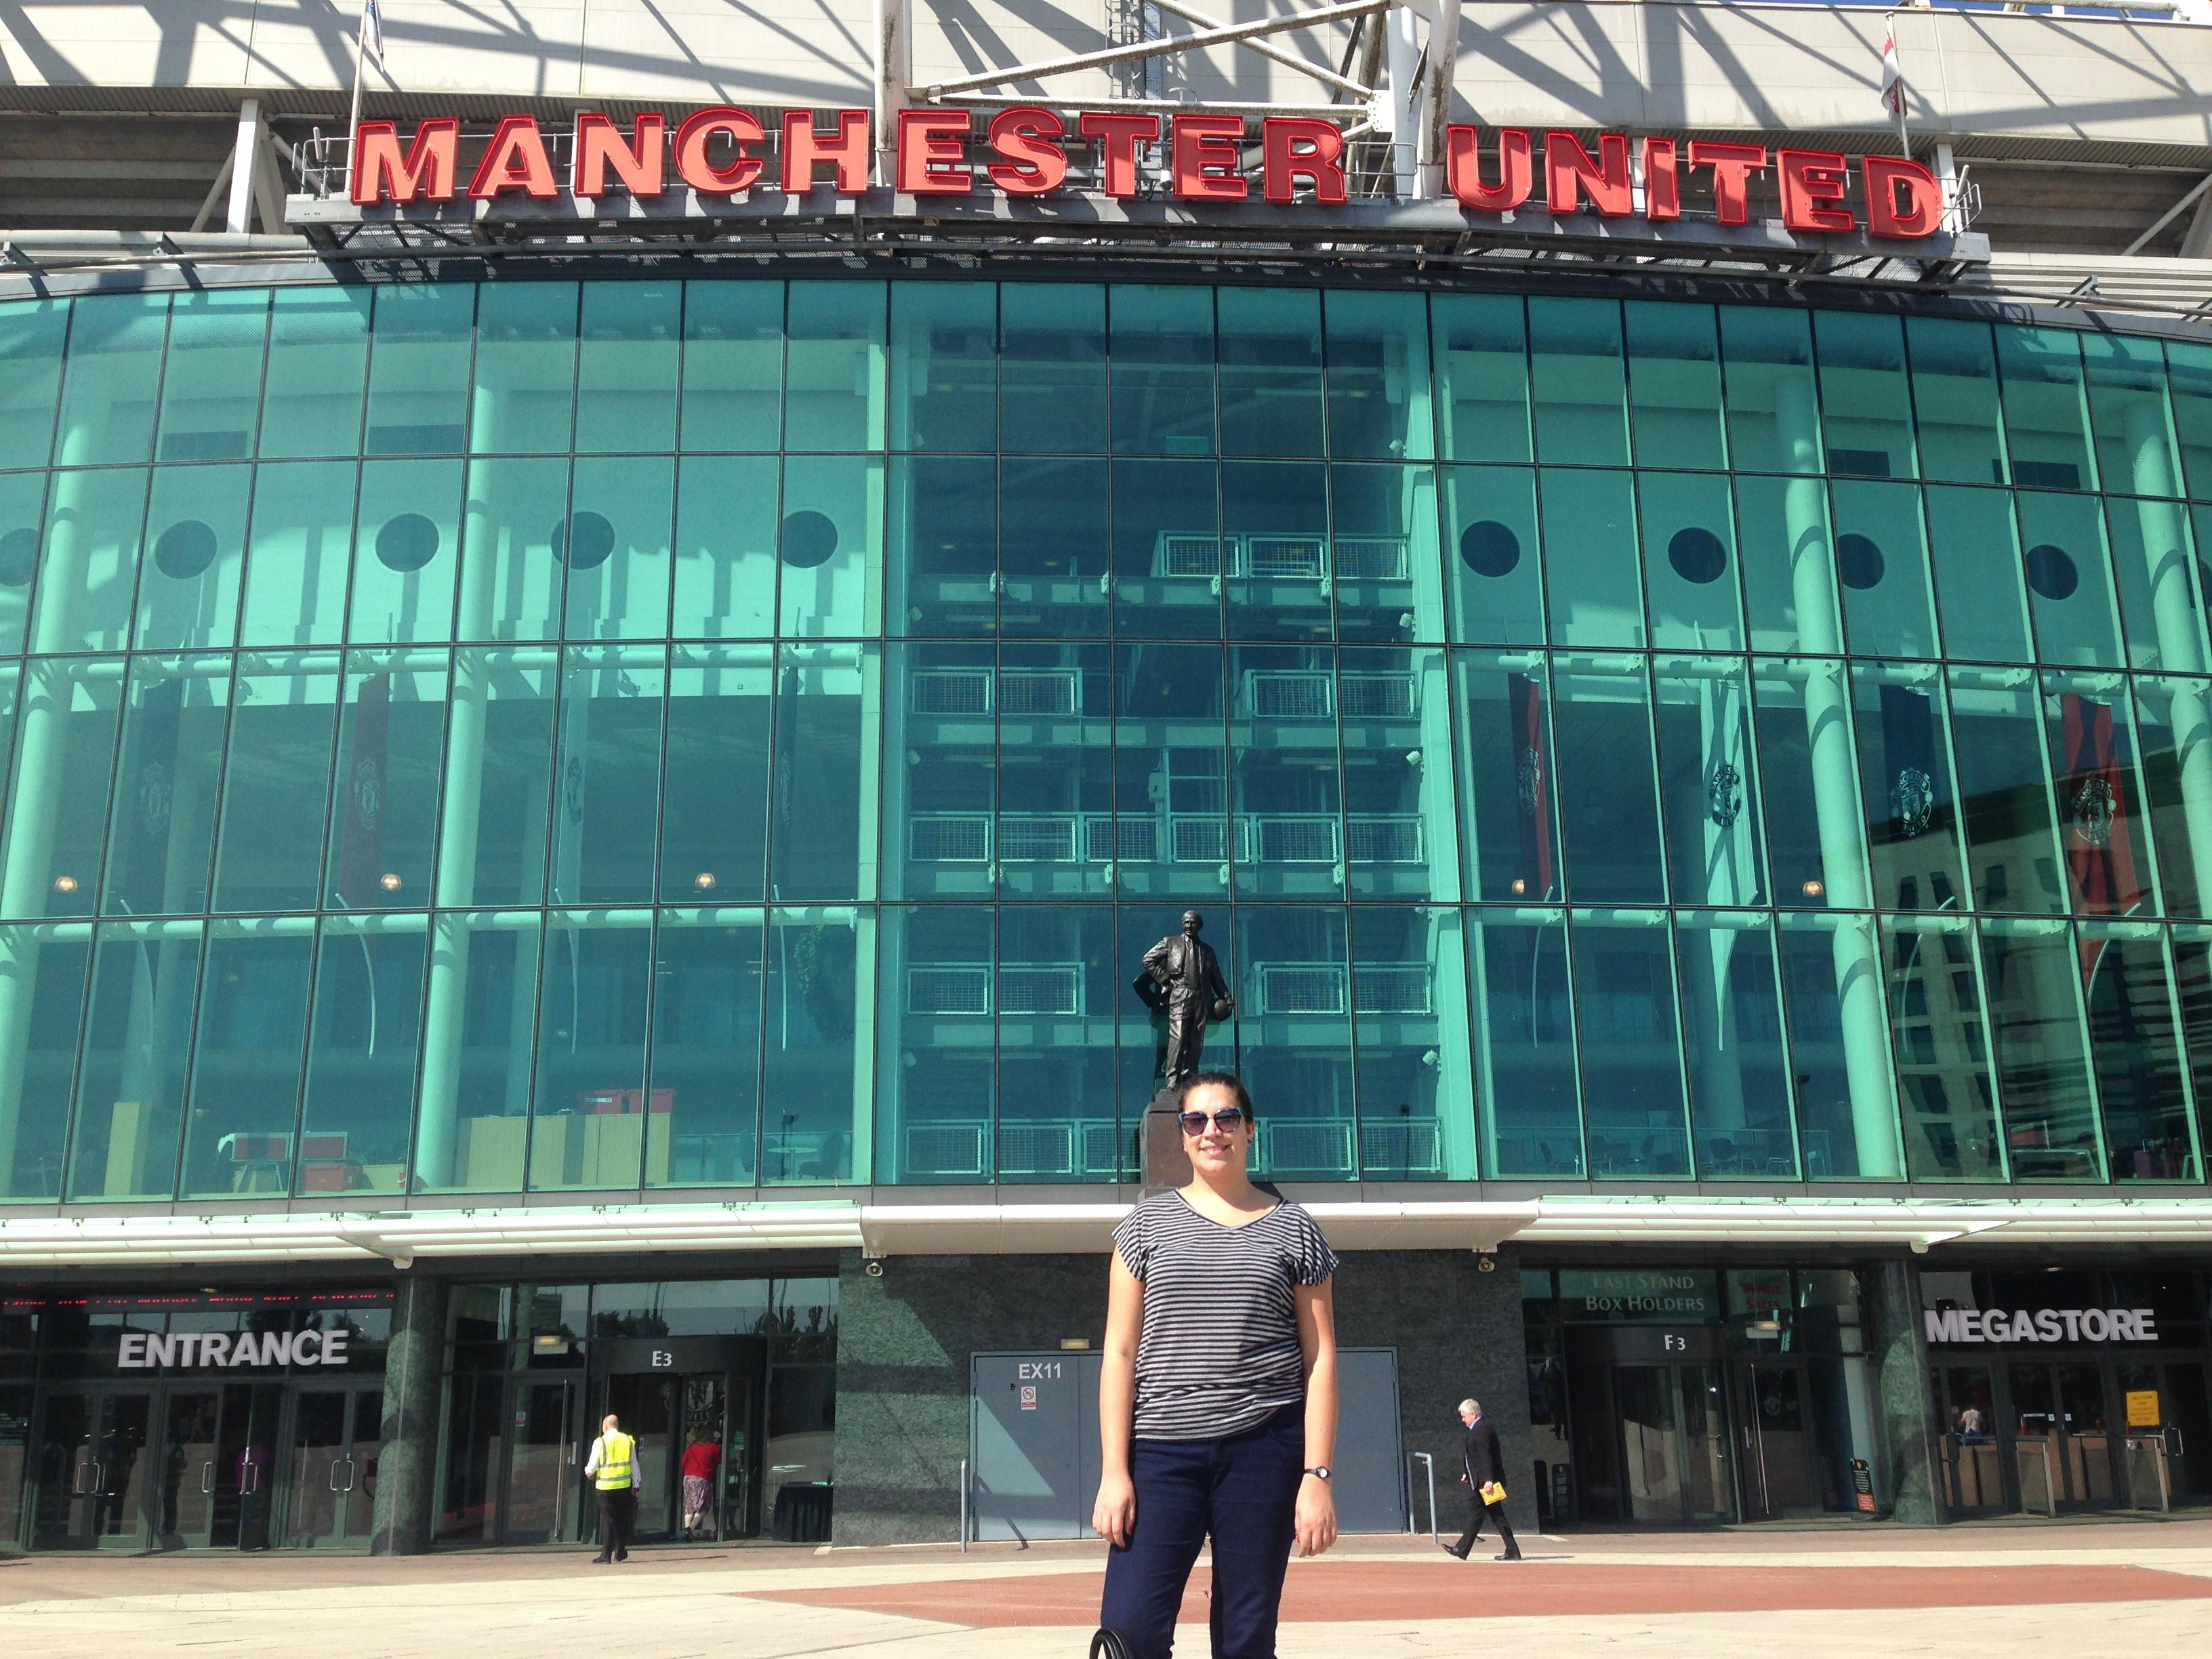 Estadio Old Trafford, Manchester   Mi blog de aventuras   2016